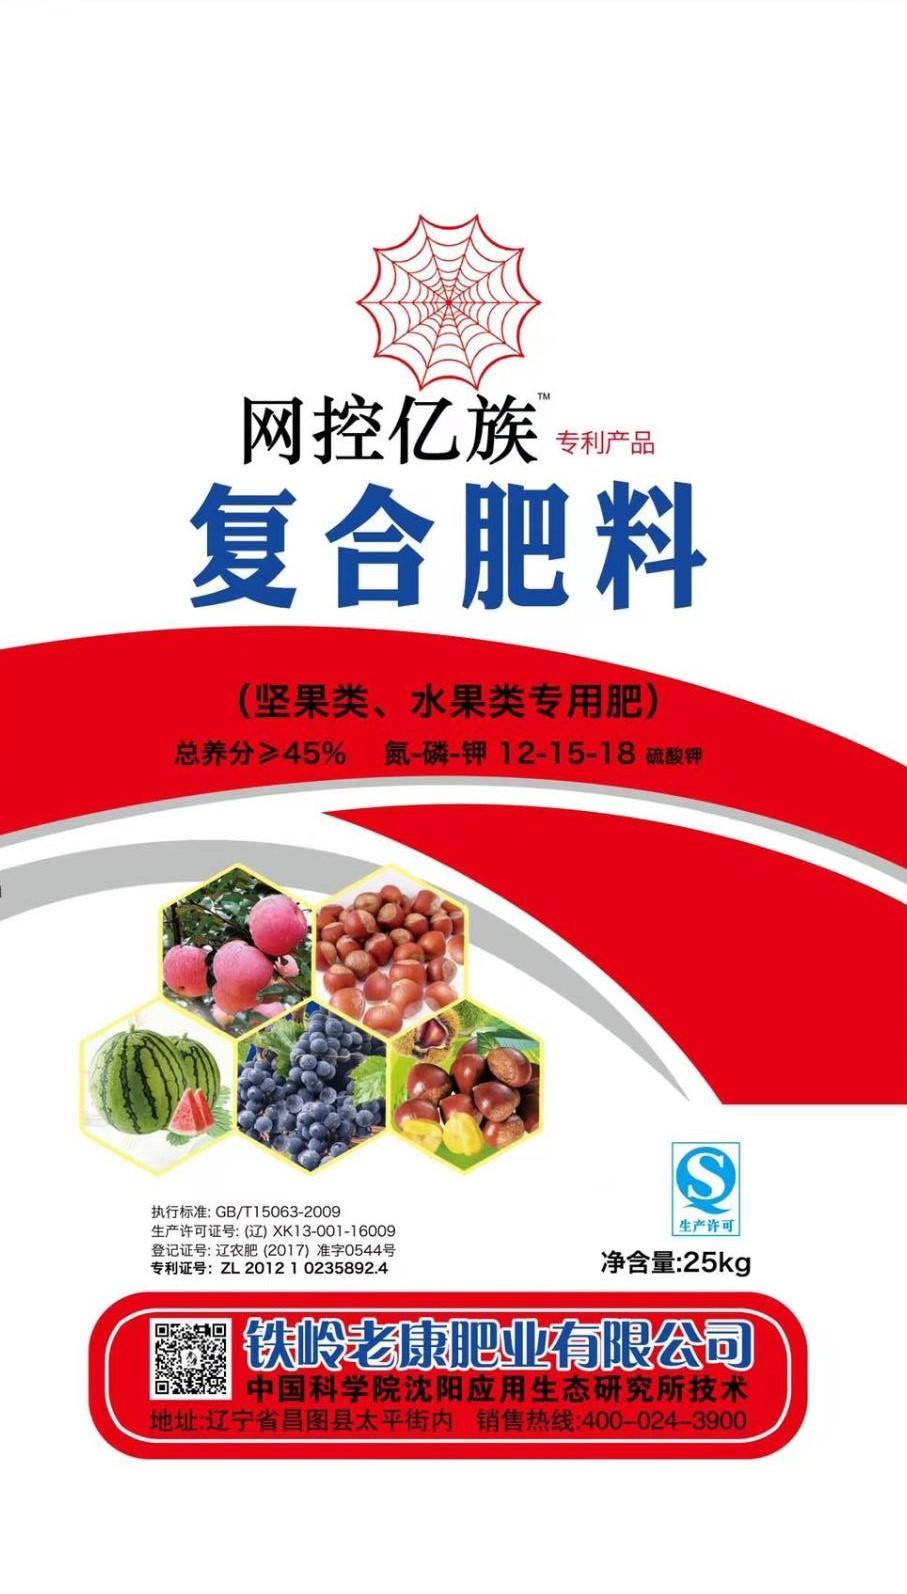 網控億族 復合肥料 專利產品 堅果、水果專用肥 鐵嶺老康肥業有限公司